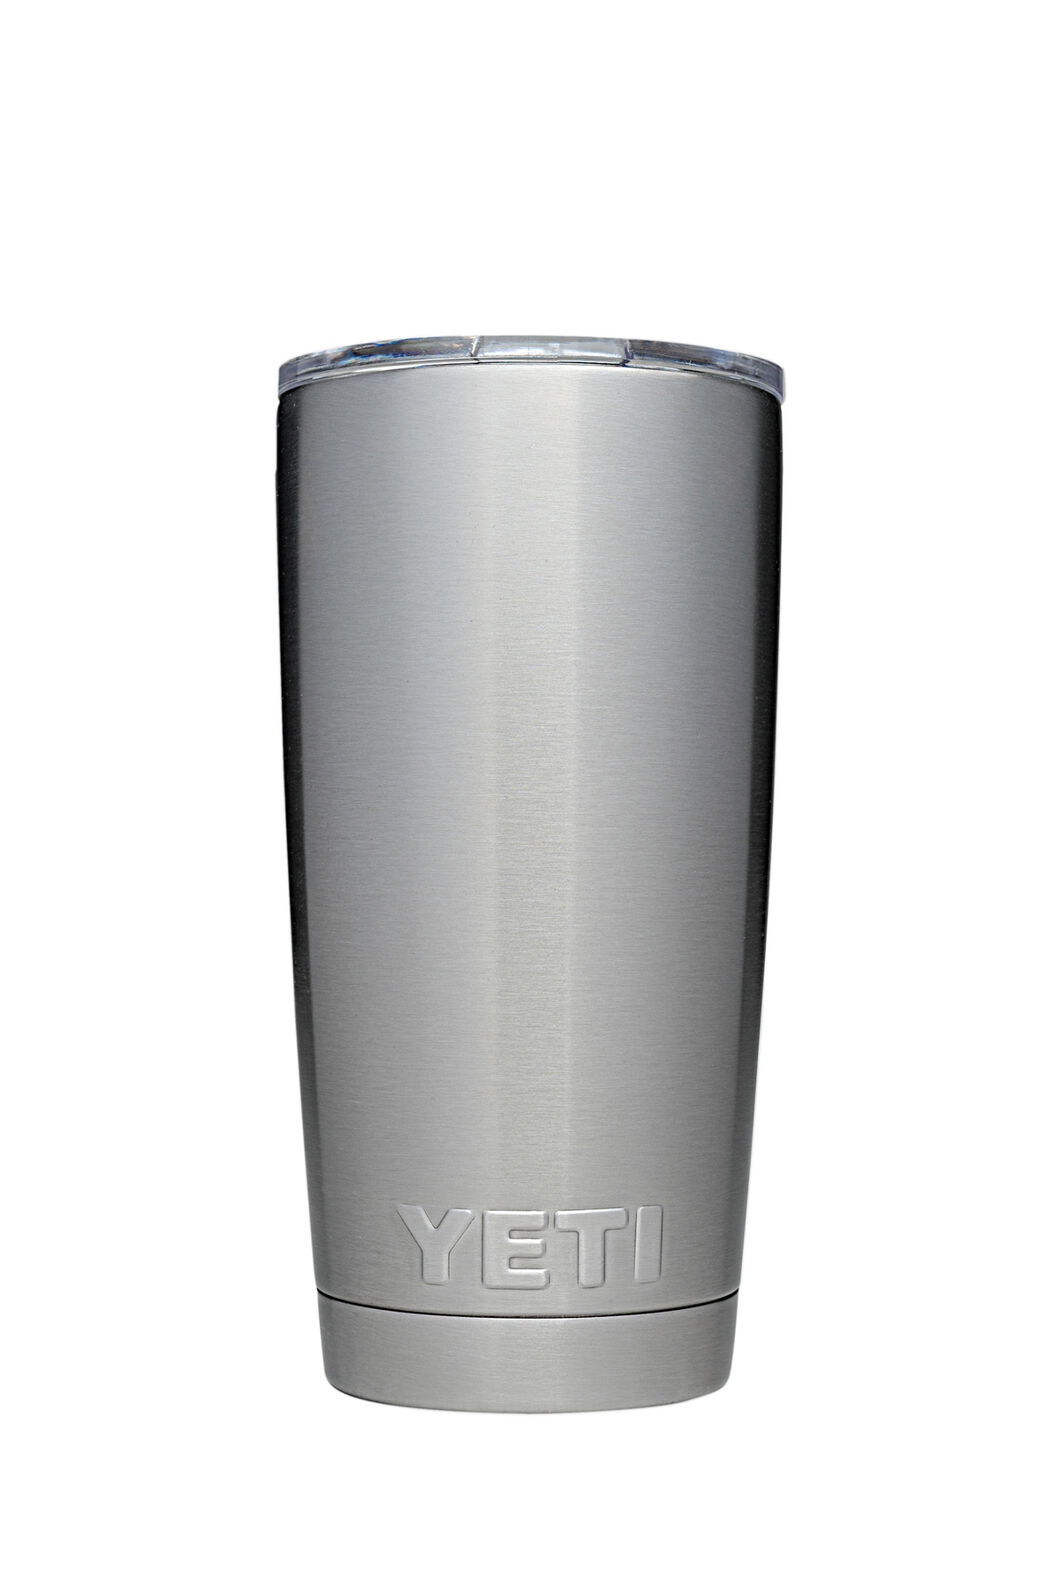 Yeti Rambler Tumbler Stainless Steel 20oz, Silver, hi-res